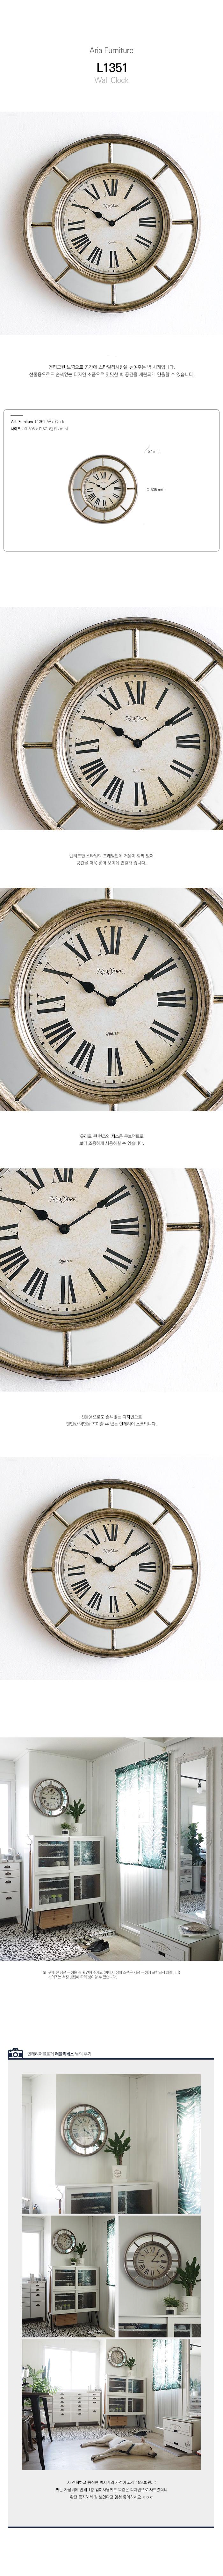 L1351_Wall_Clock_180509-1.jpg